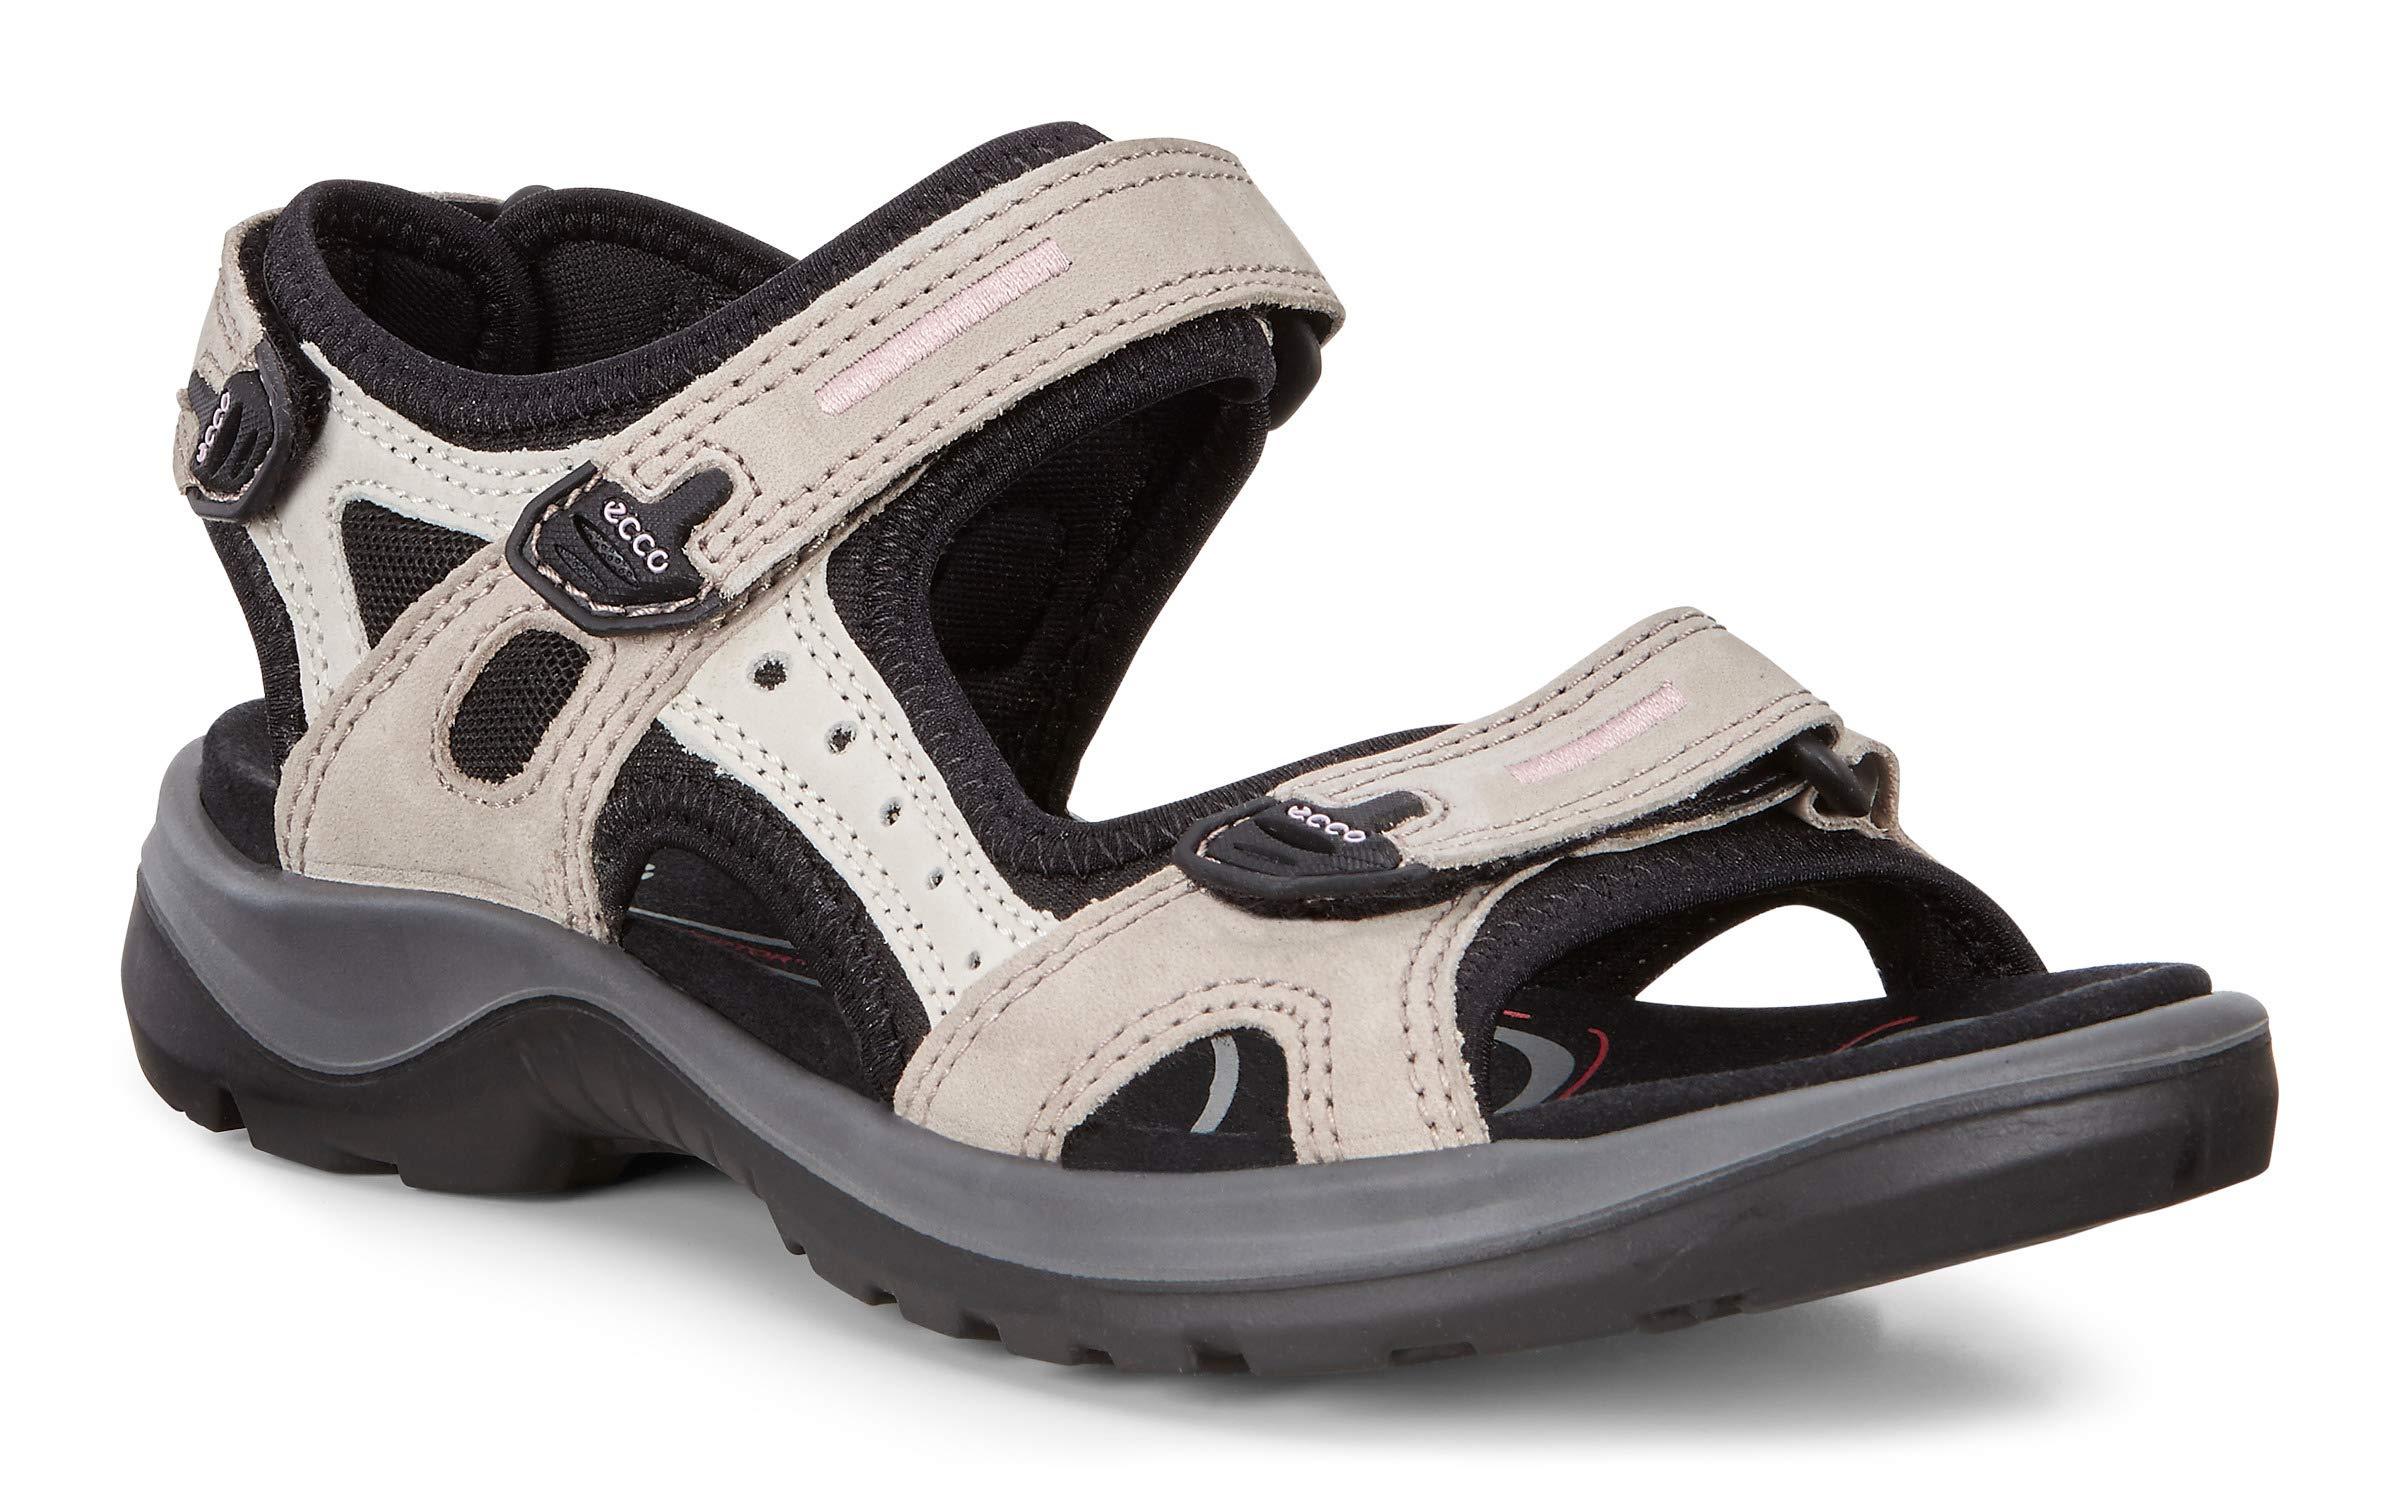 ECCO Women's Yucatan outdoor offroad hiking sandal Buy